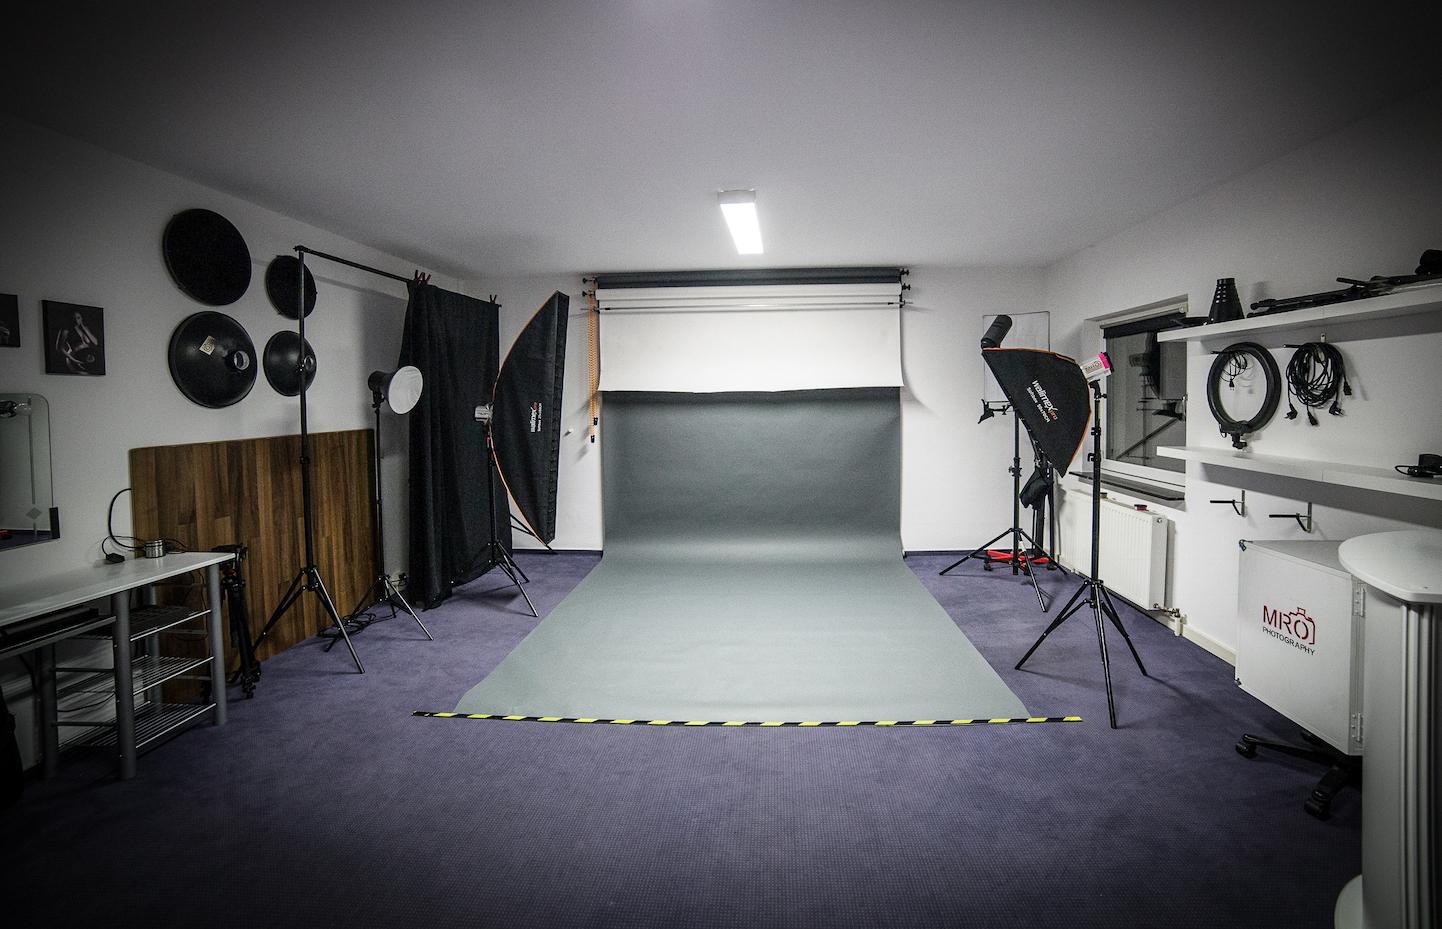 MRO PHOTOGRAPHY |Studio für Portrait- und Fashionshootings